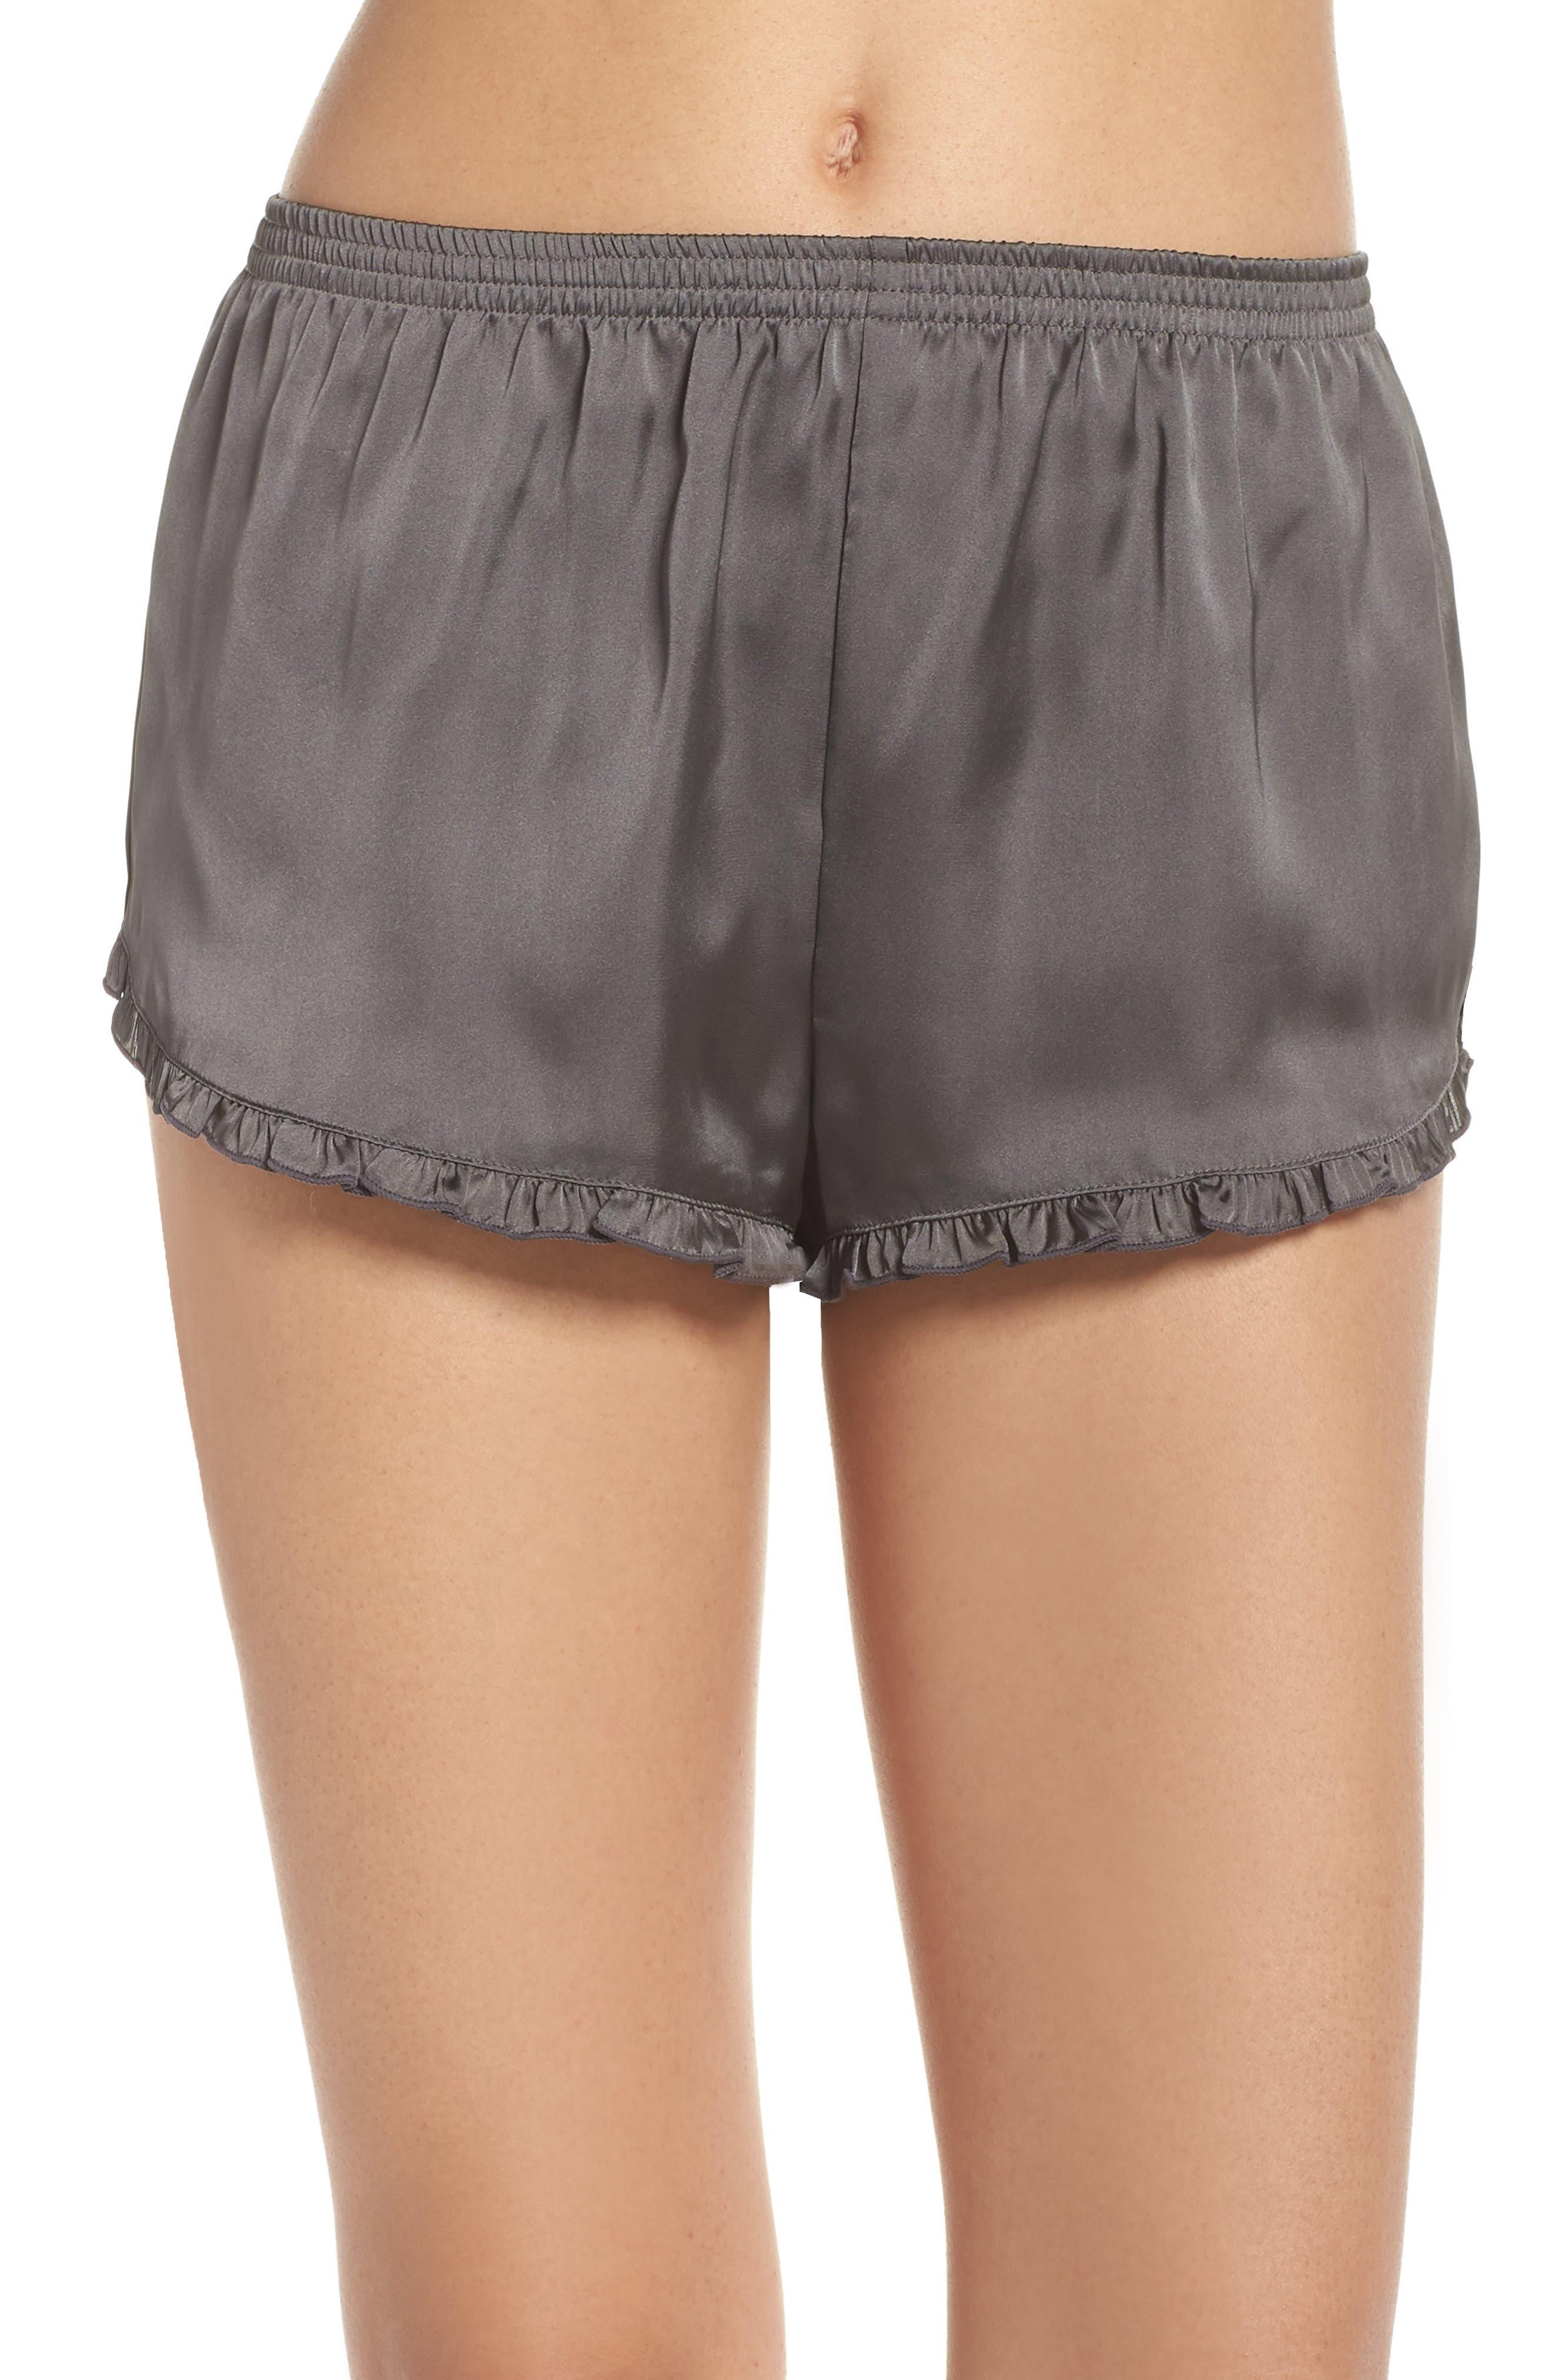 Satin Lounge Shorts,                             Main thumbnail 1, color,                             022